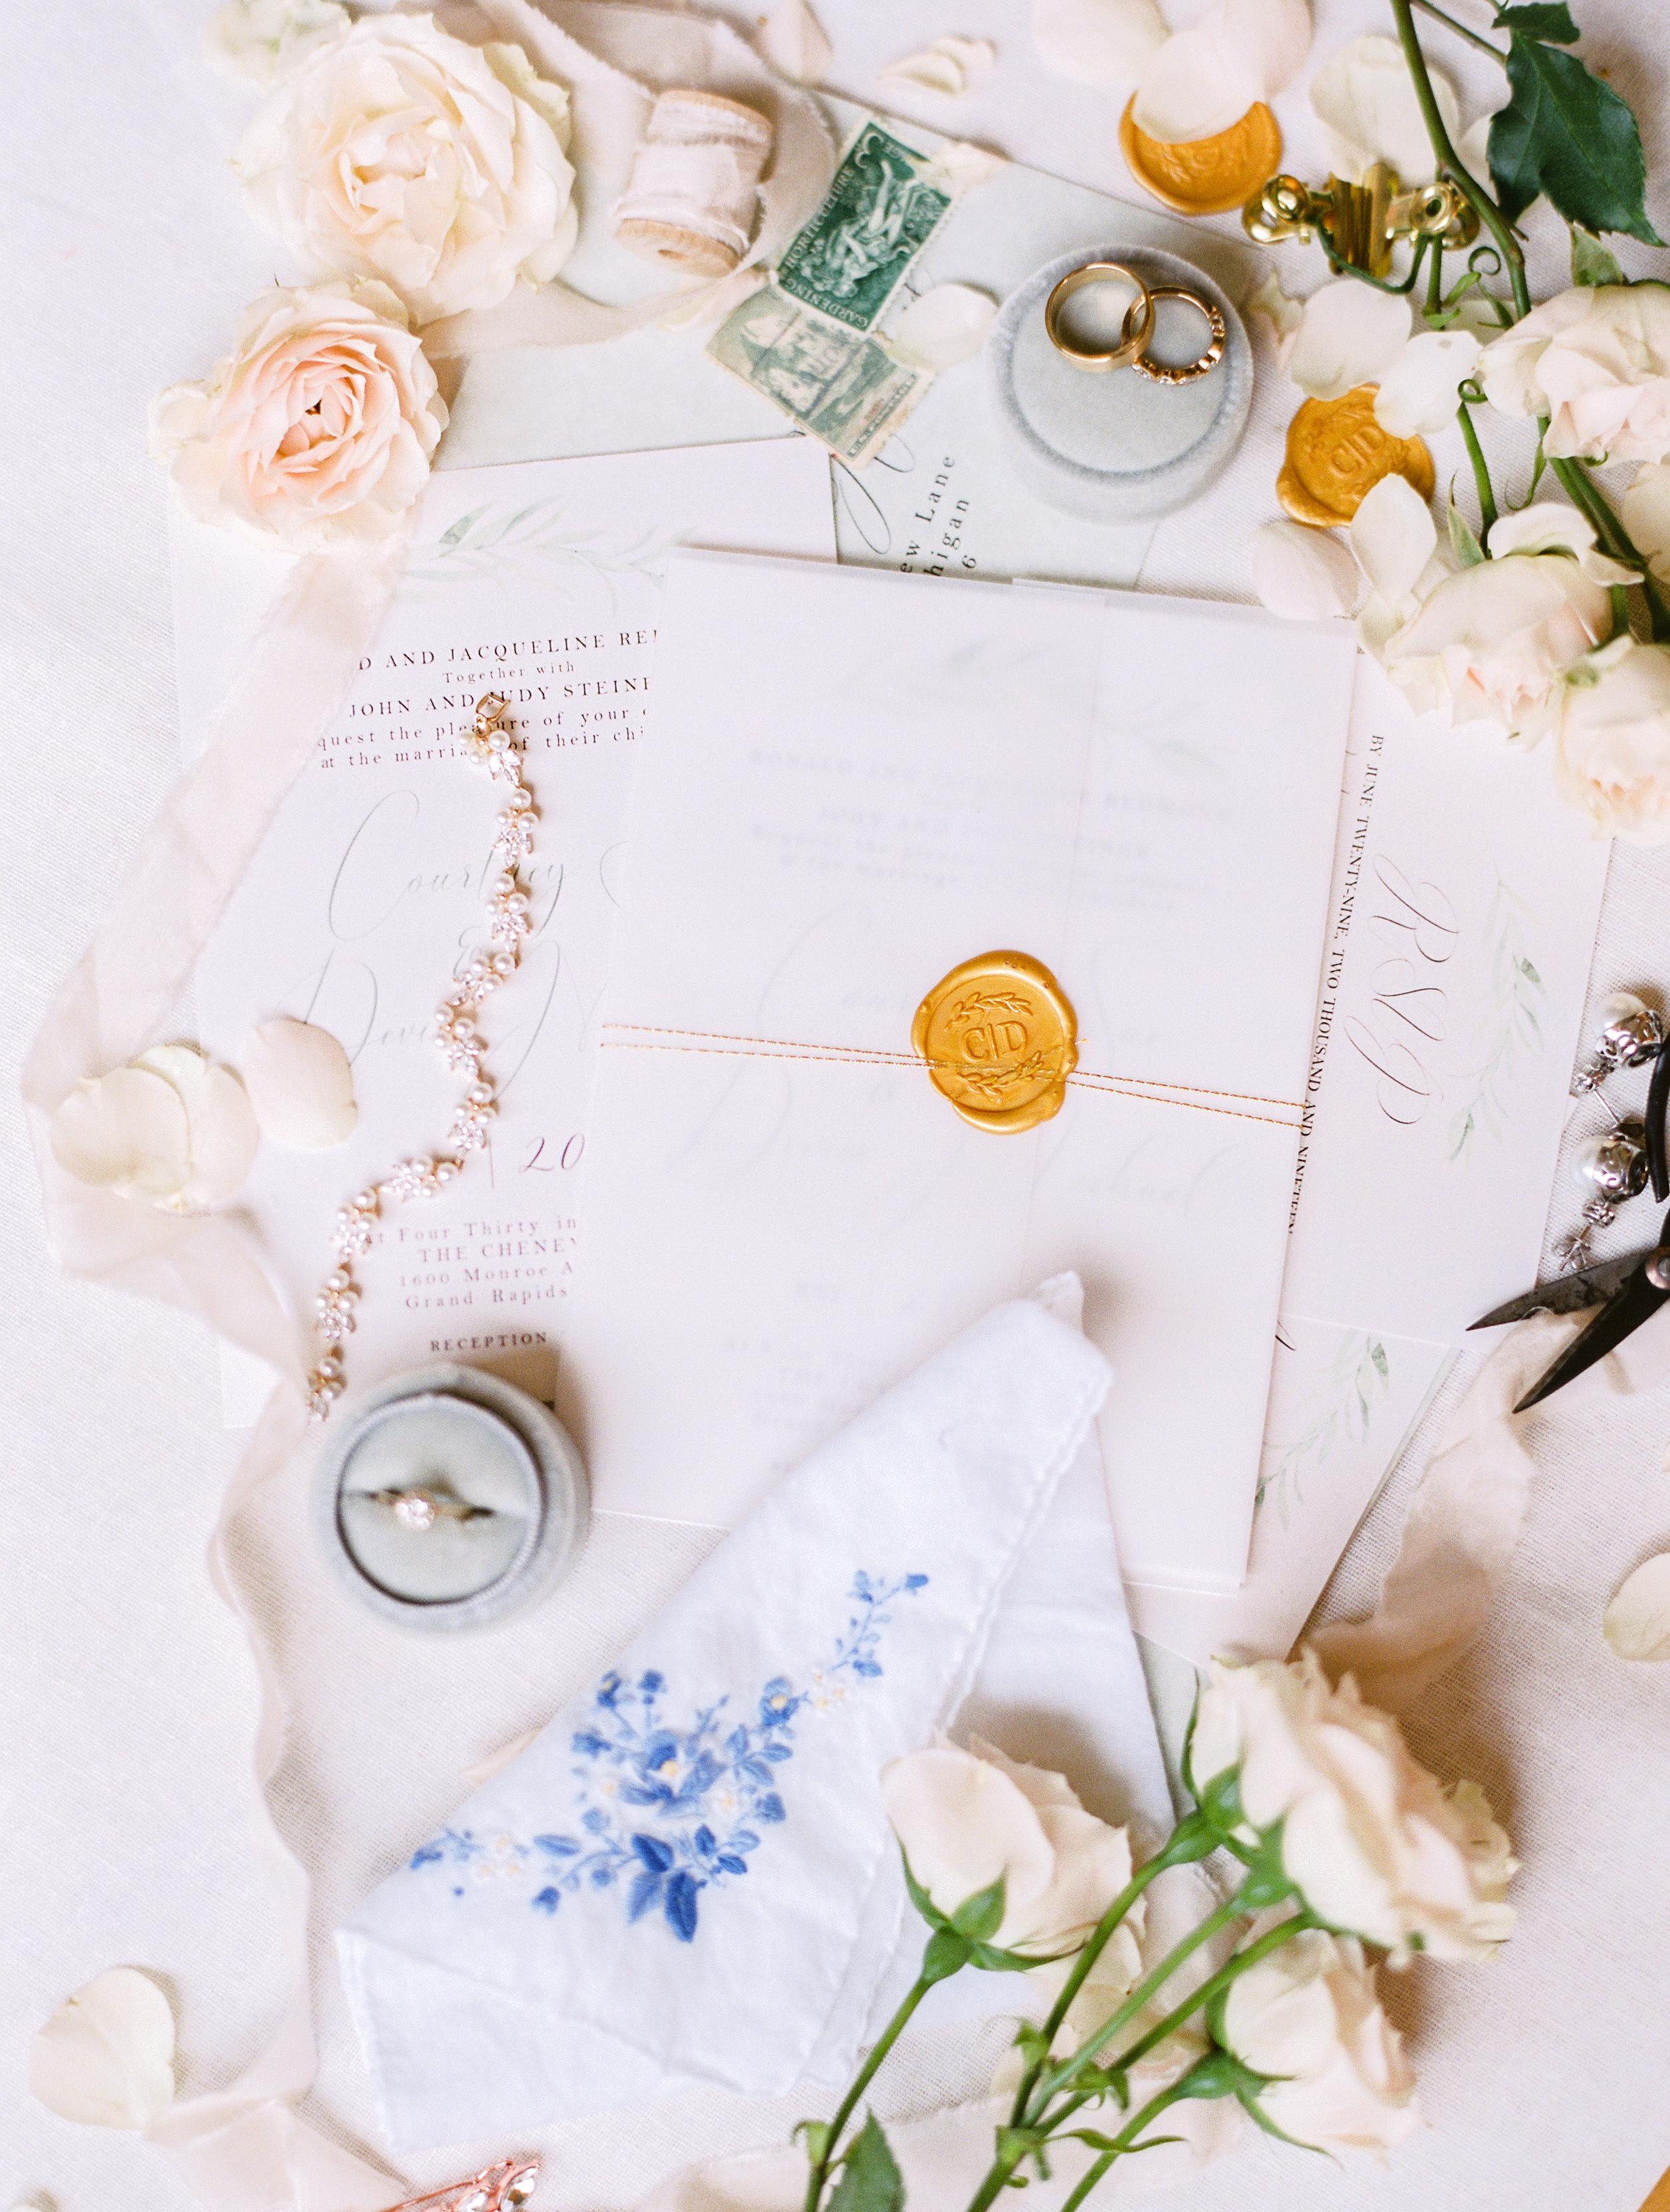 Steiner+Wedding+Details-29.jpg